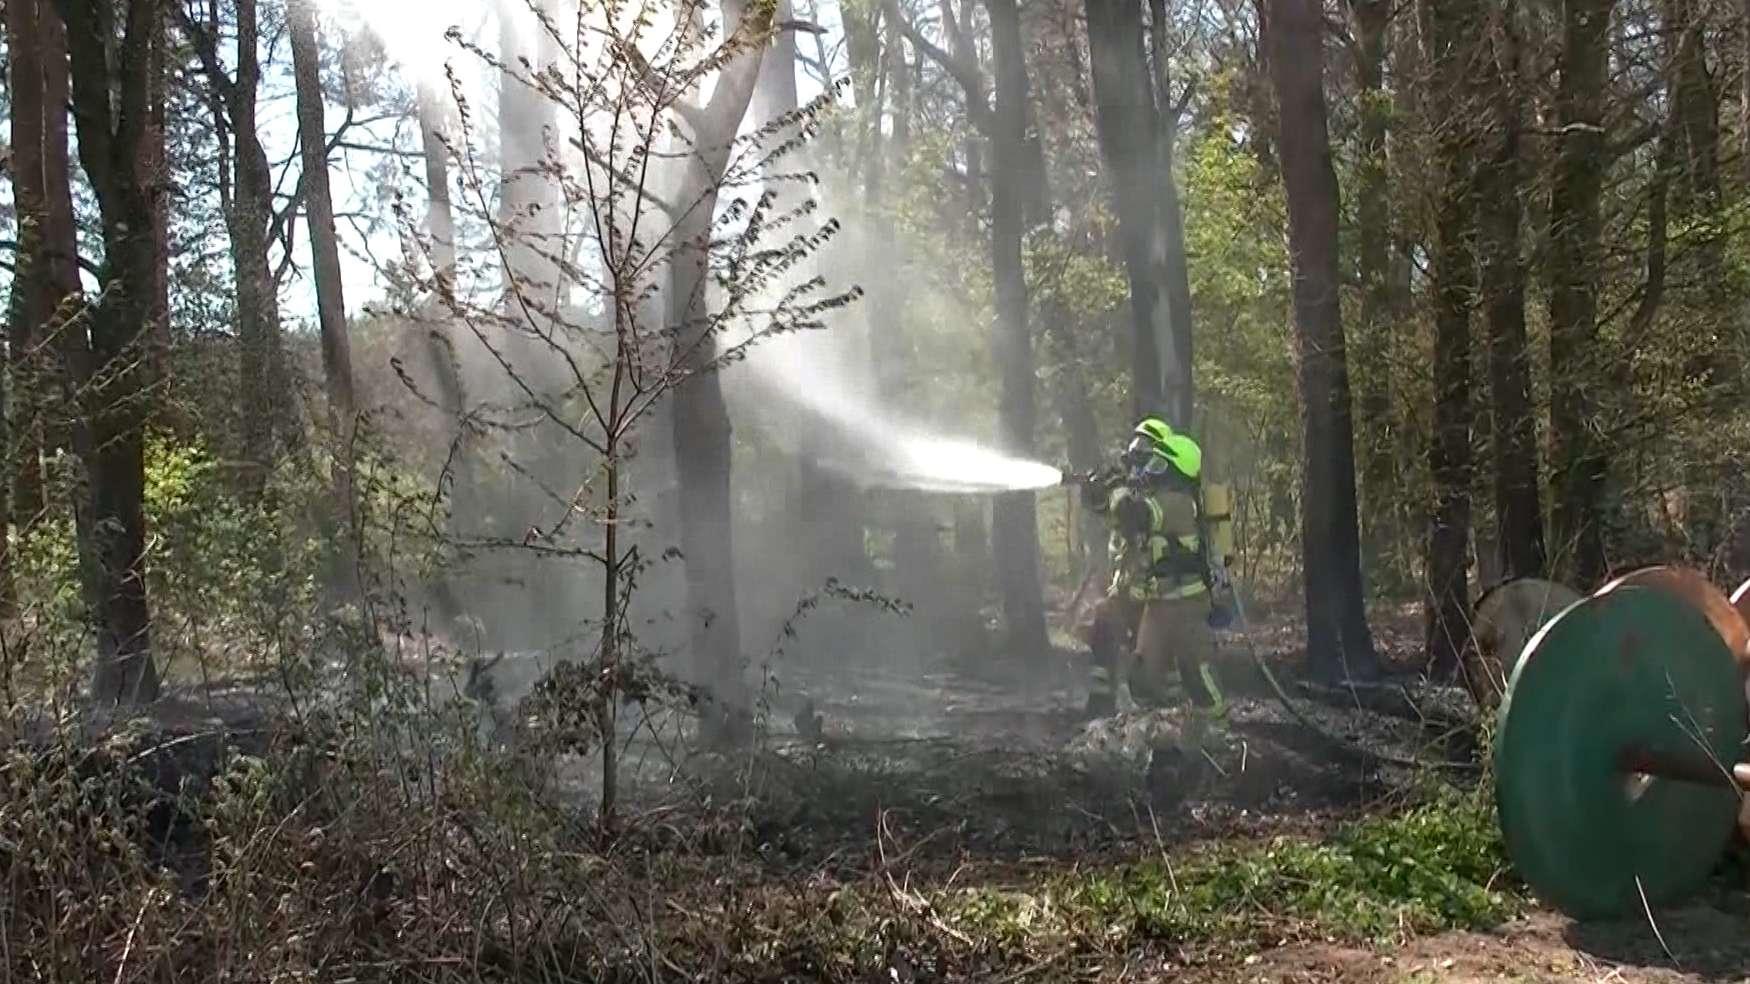 Feuerwehrleute bei Waldbrandbekämpfung